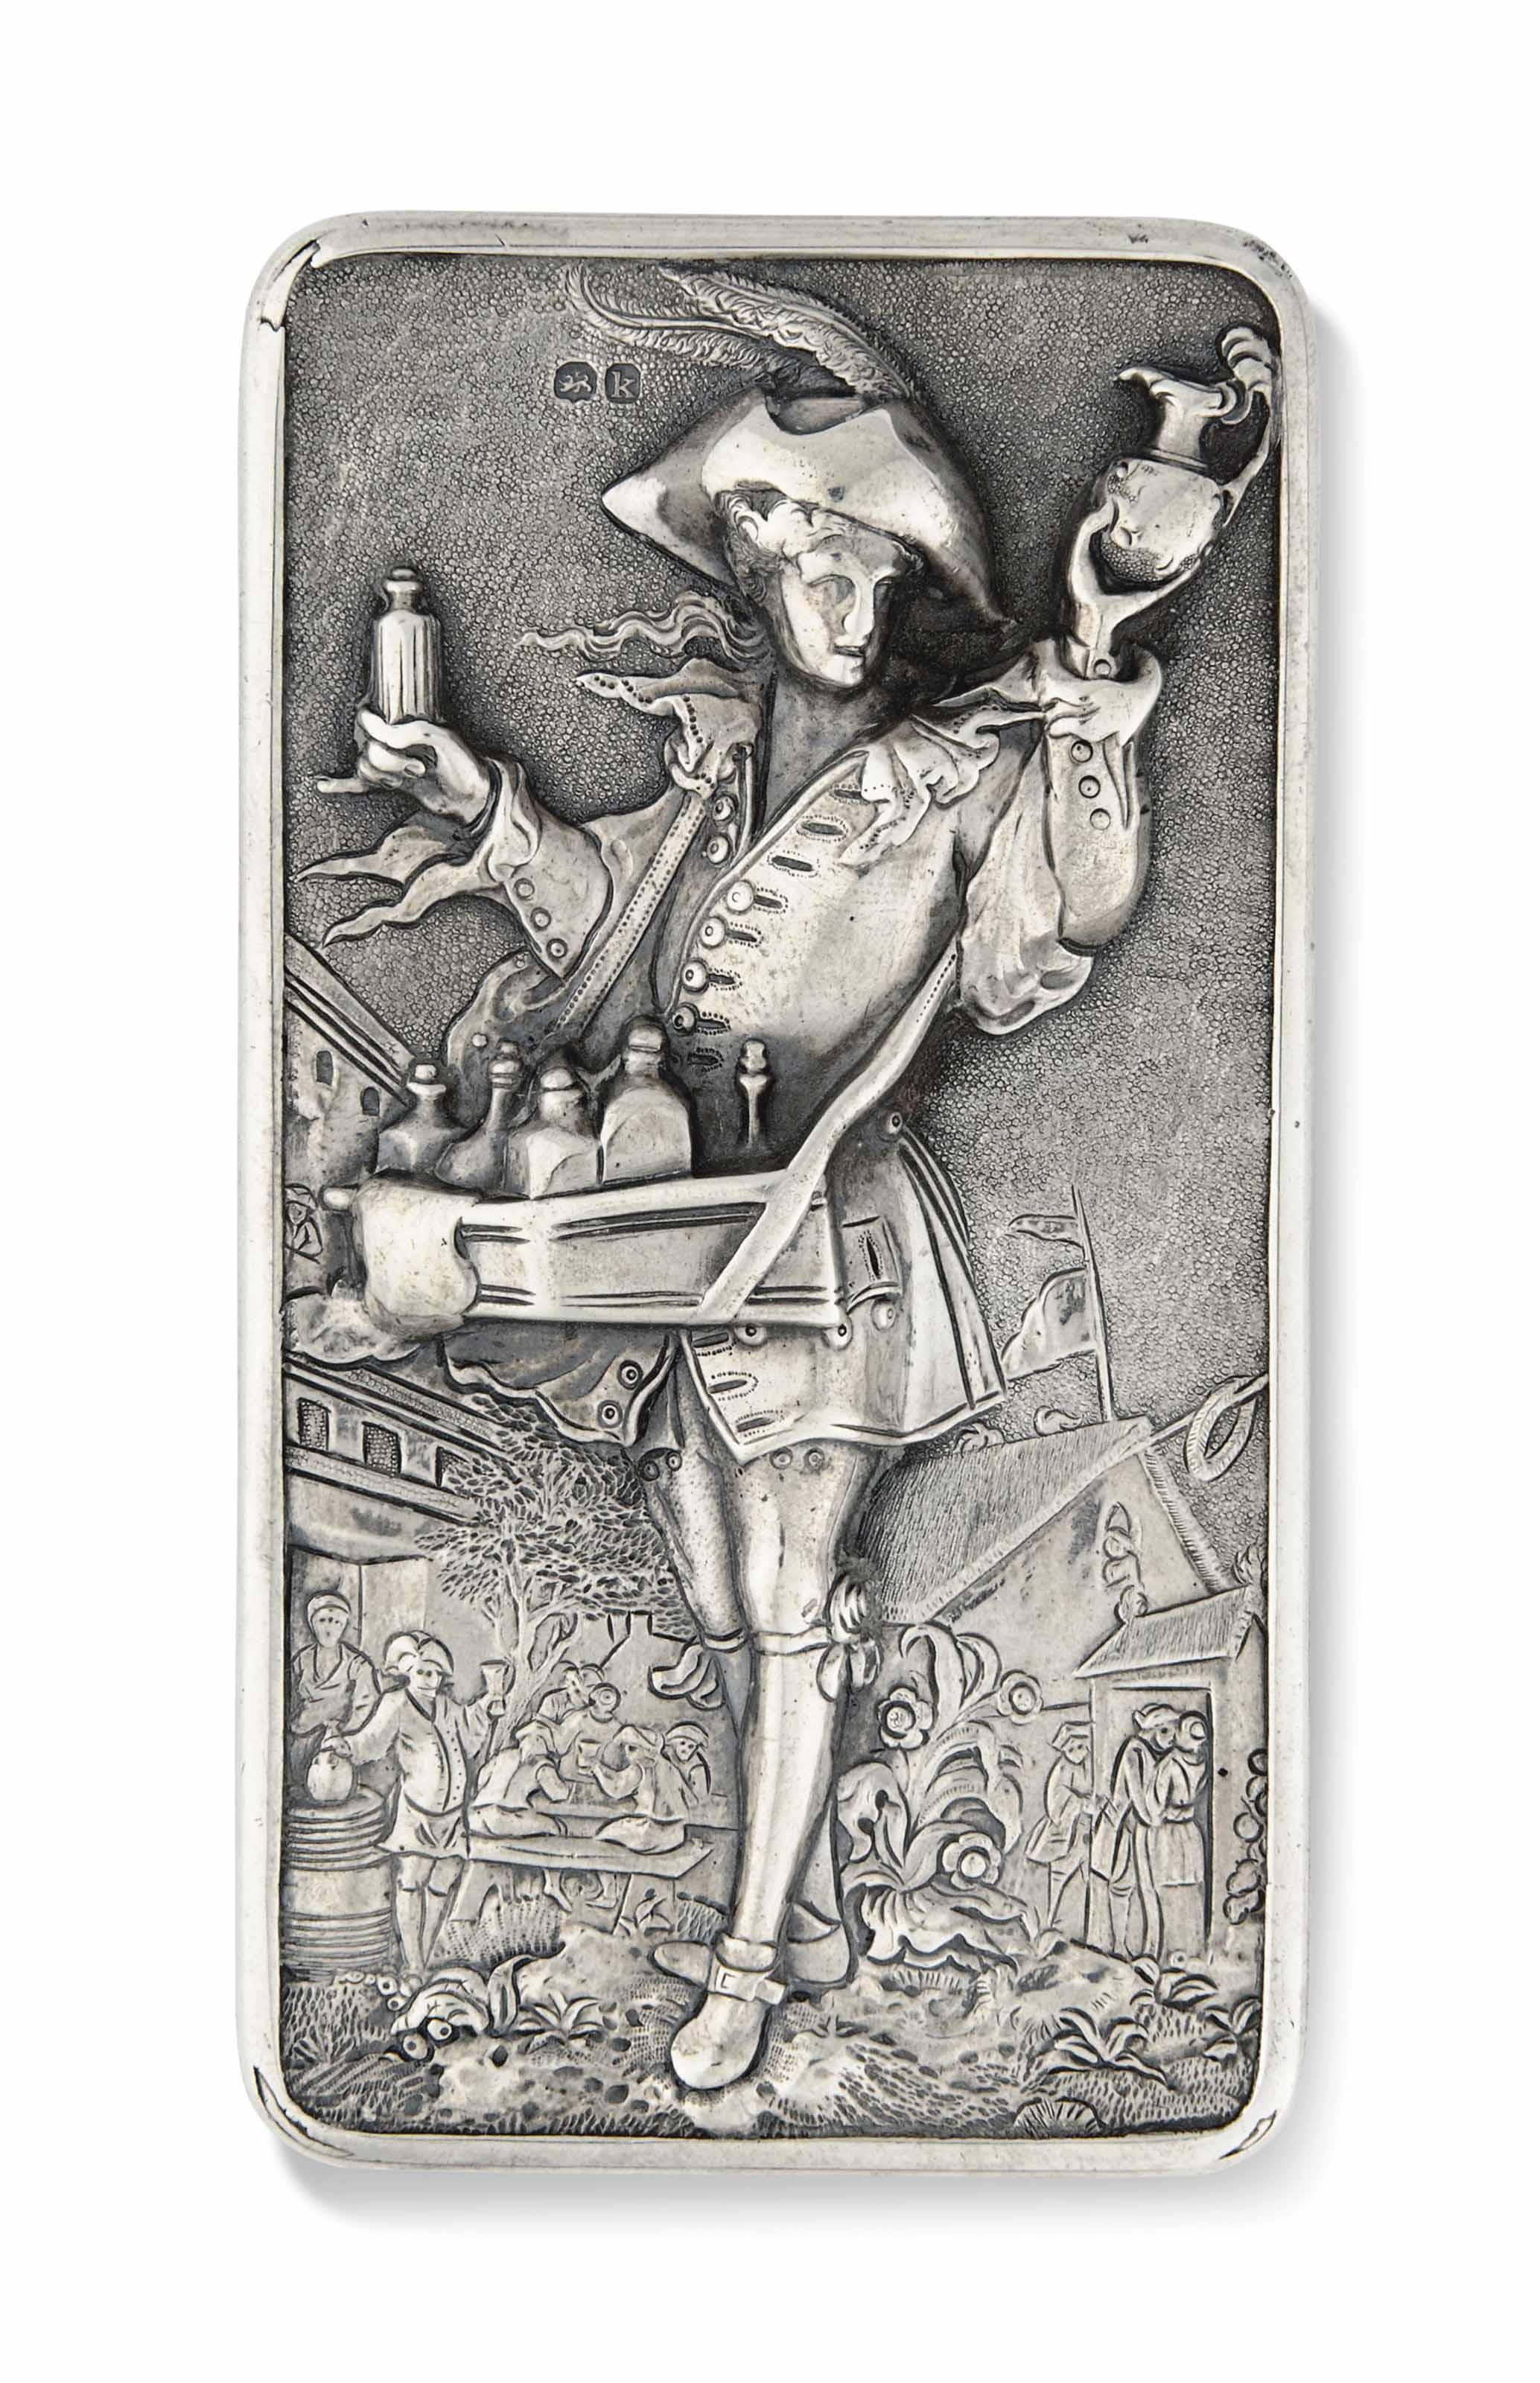 A GEORGE IV SILVER PEDLAR SNUF